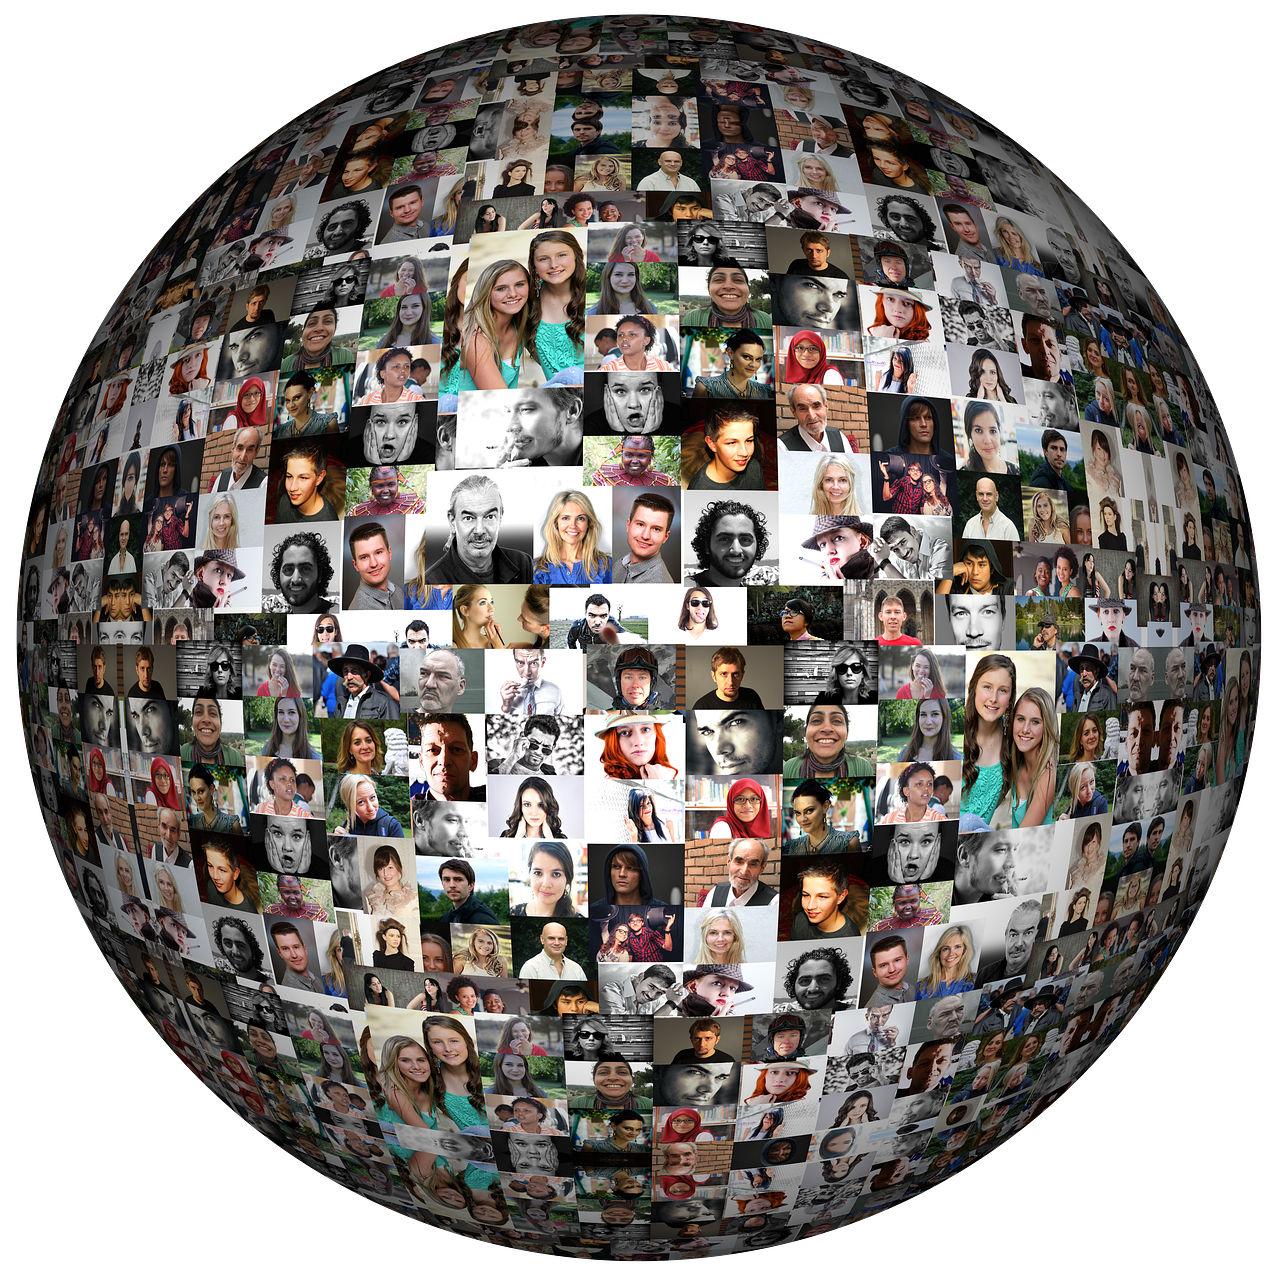 Sociedad digital (Imagen: proporcionada por Antoni Gutiérrez-Rubí).